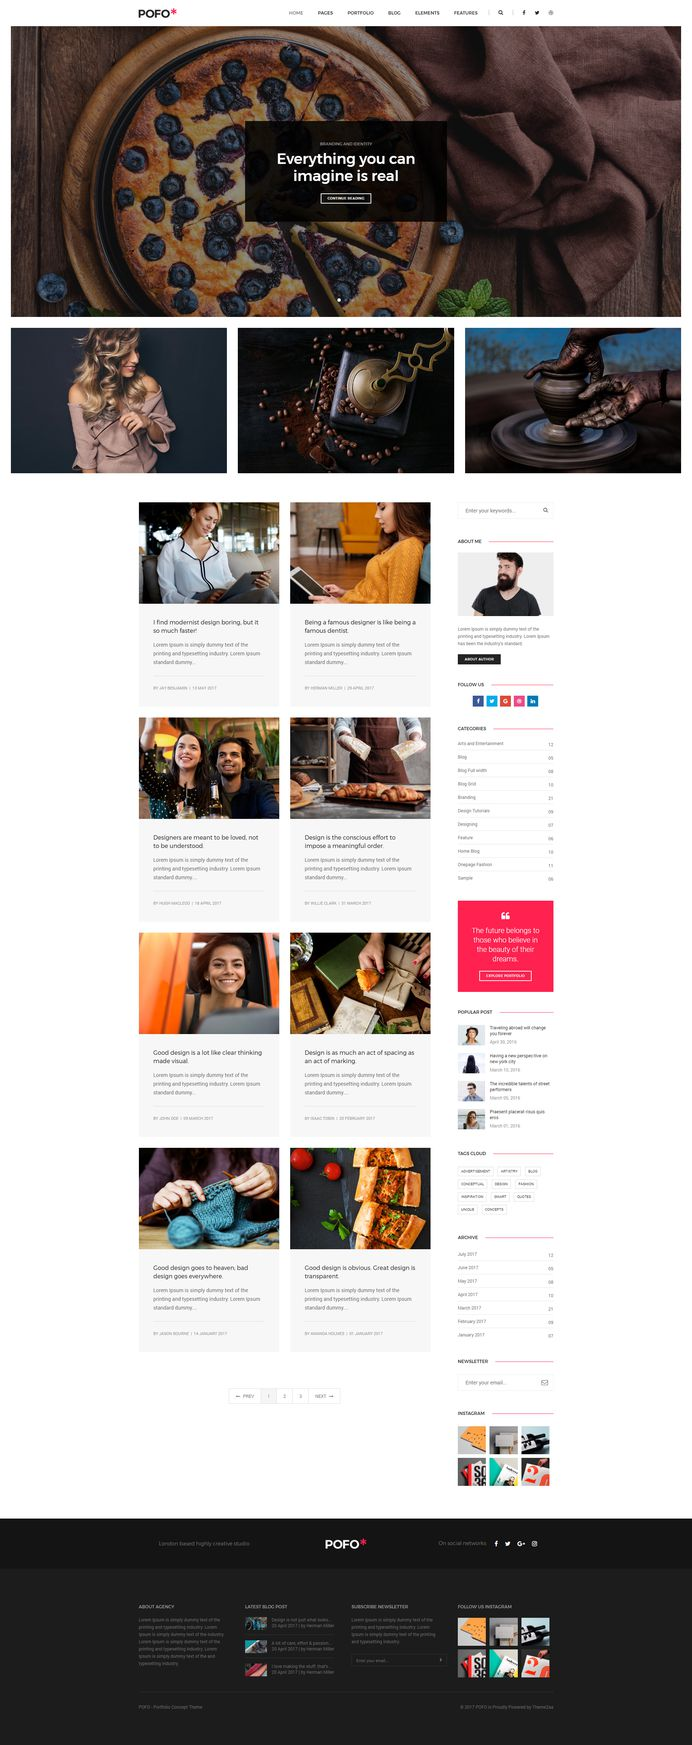 Pofo - #Creative #Portfolio and #Blog #WordPress Theme for Blog #Grid by #ThemeZaa